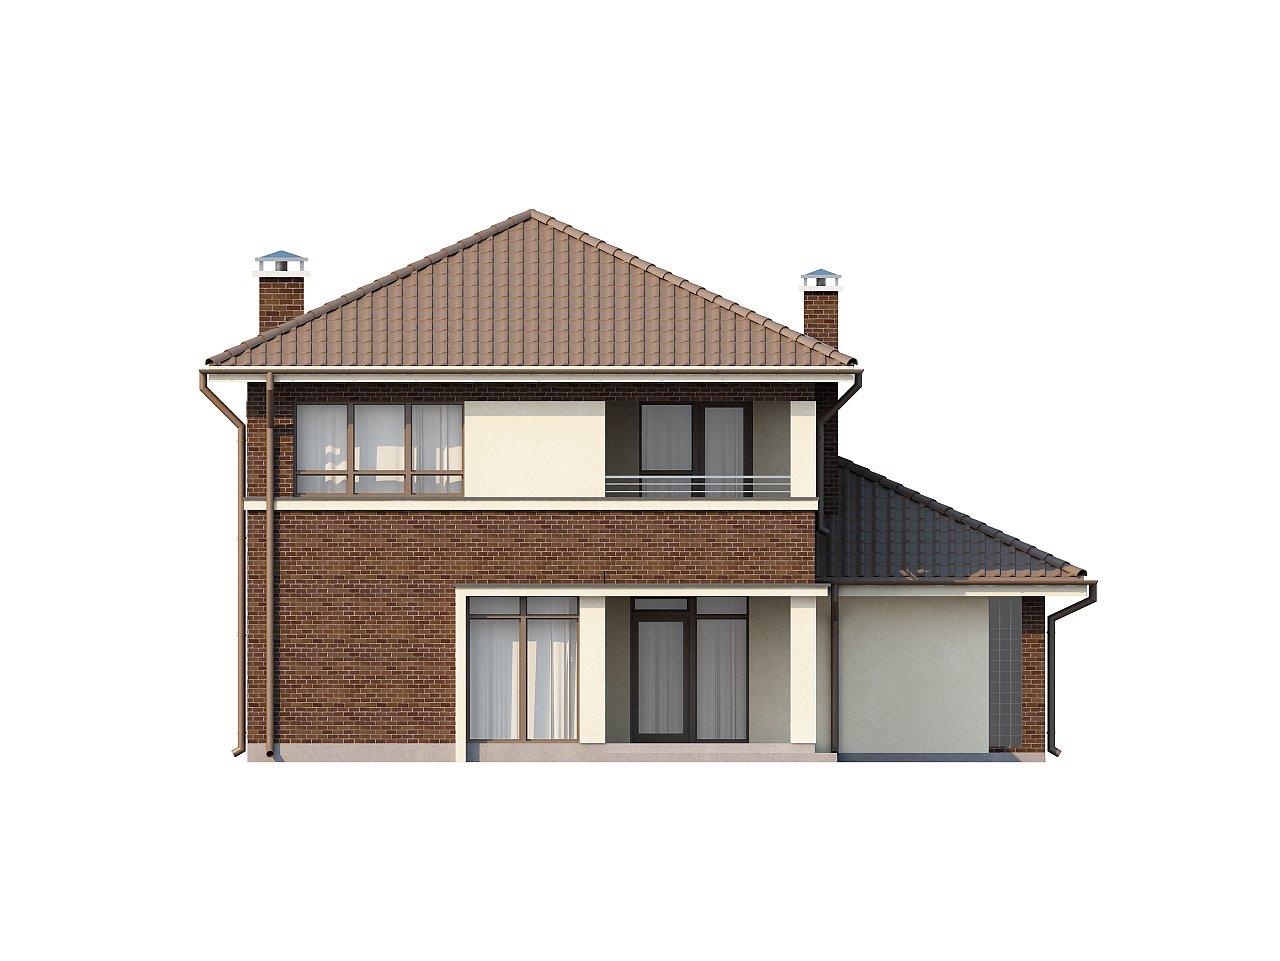 Элегантный двухэтажный дом с боковым гаражом и кабинетом на первом этаже. 23